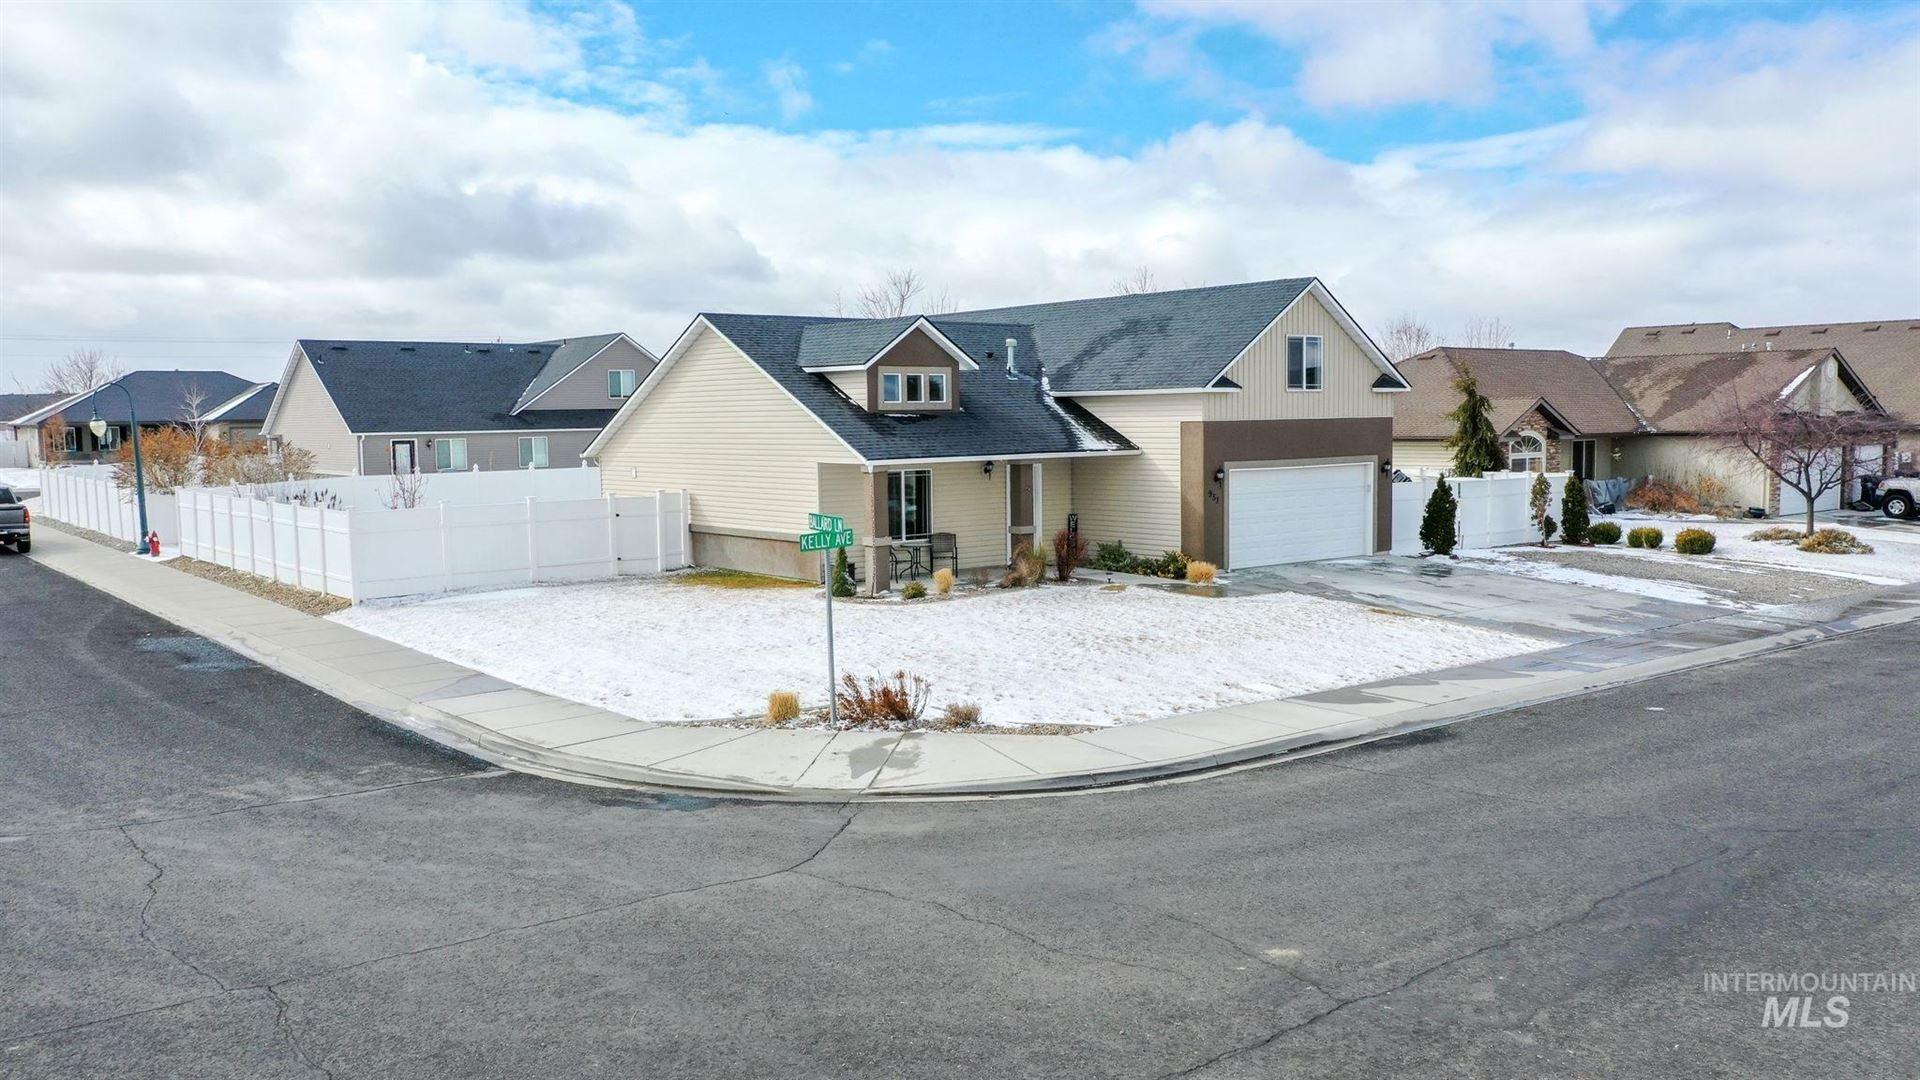 Photo of 951 Kelly Ave, Kimberly, ID 83341 (MLS # 98794777)